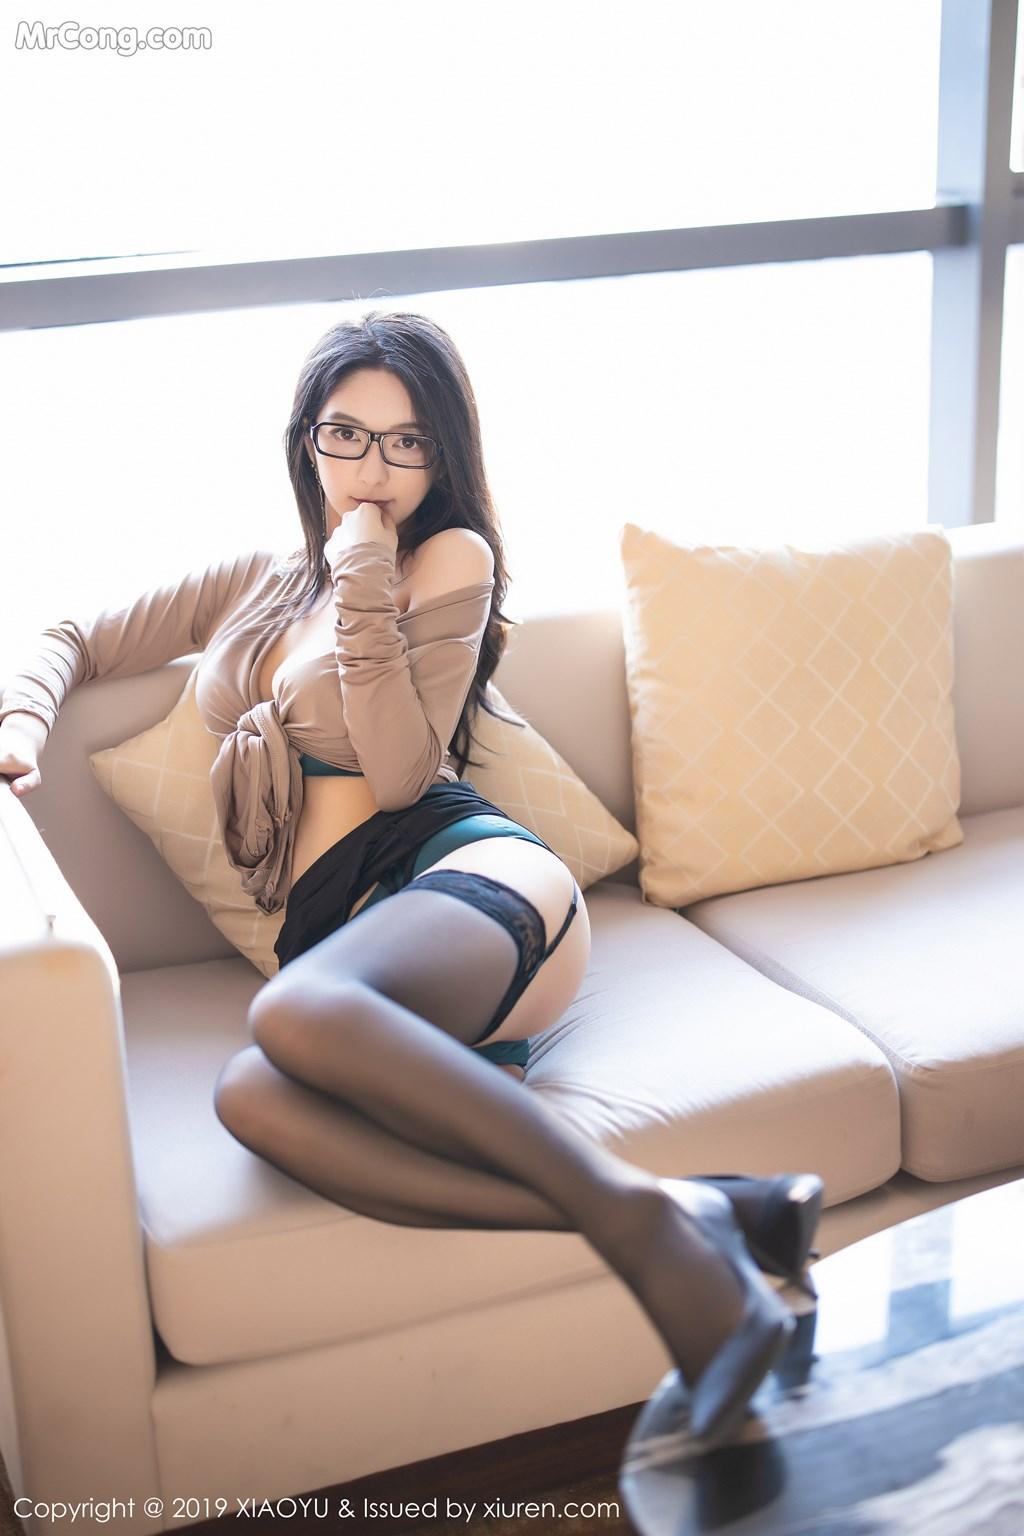 Image XiaoYu-Vol.154-Xiao-Reba-Angela-MrCong.com-057 in post XiaoYu Vol.154: Xiao Reba (Angela小热巴) (97 ảnh)